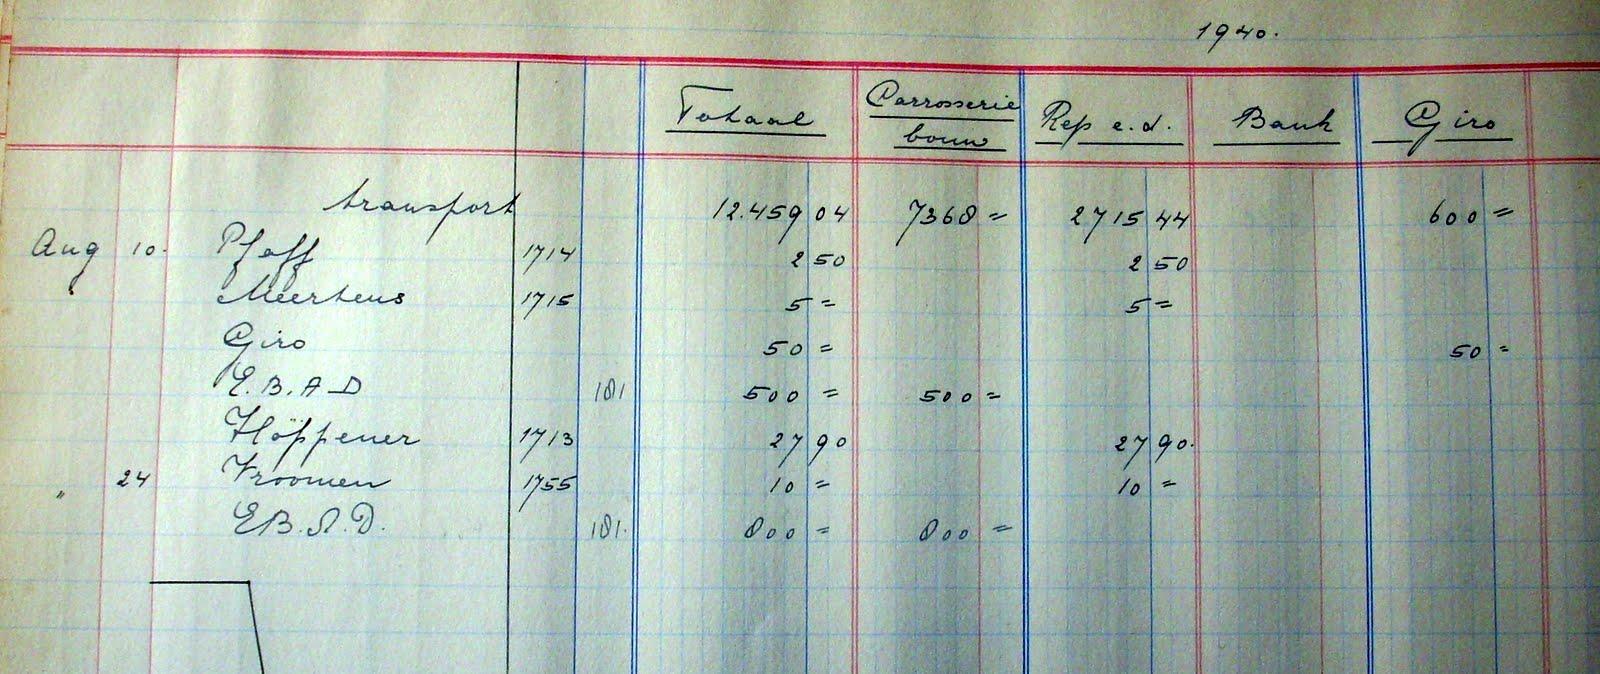 factuur-1940-voor-aflossing-van-een-touringcar-opbouw-carrosserie-bedrijf-van-well-en-goerke-heerlen